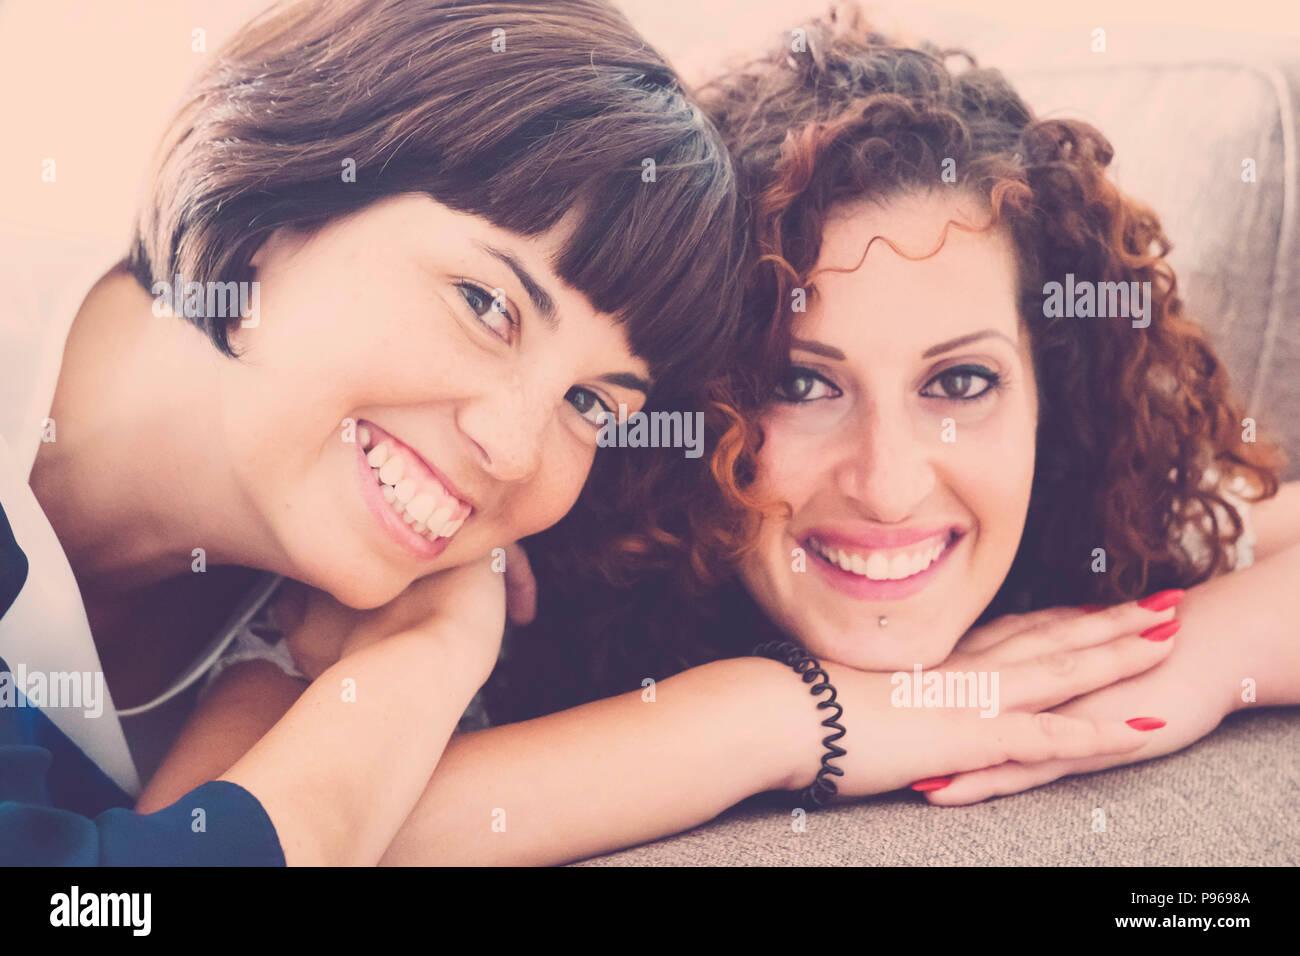 Buen tiempo y felicidad con risas y sonrisas para dos amigos caucásicos sentar juntos en el sofá en casa. La amistad Concepto de imagen interior w Imagen De Stock